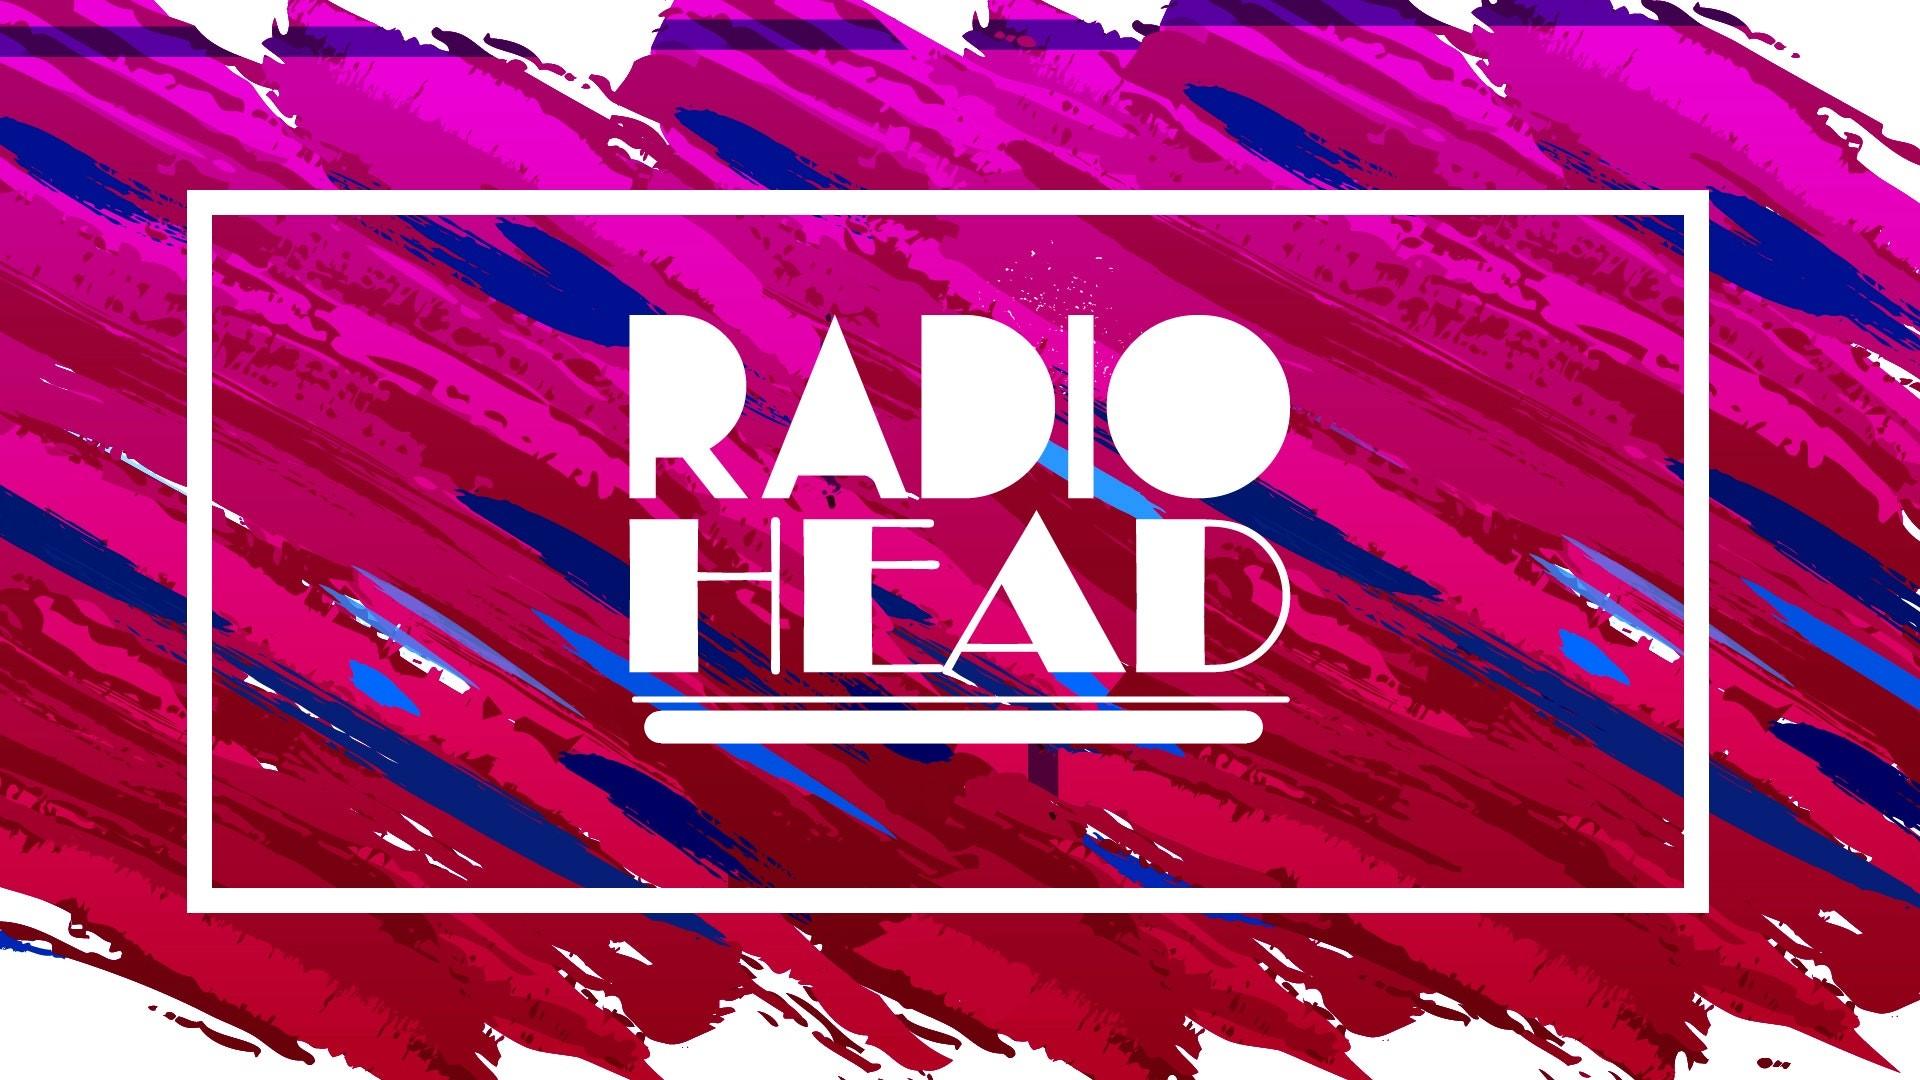 Wszystkie albumy Radiohead dostępne za darmo na YouTube